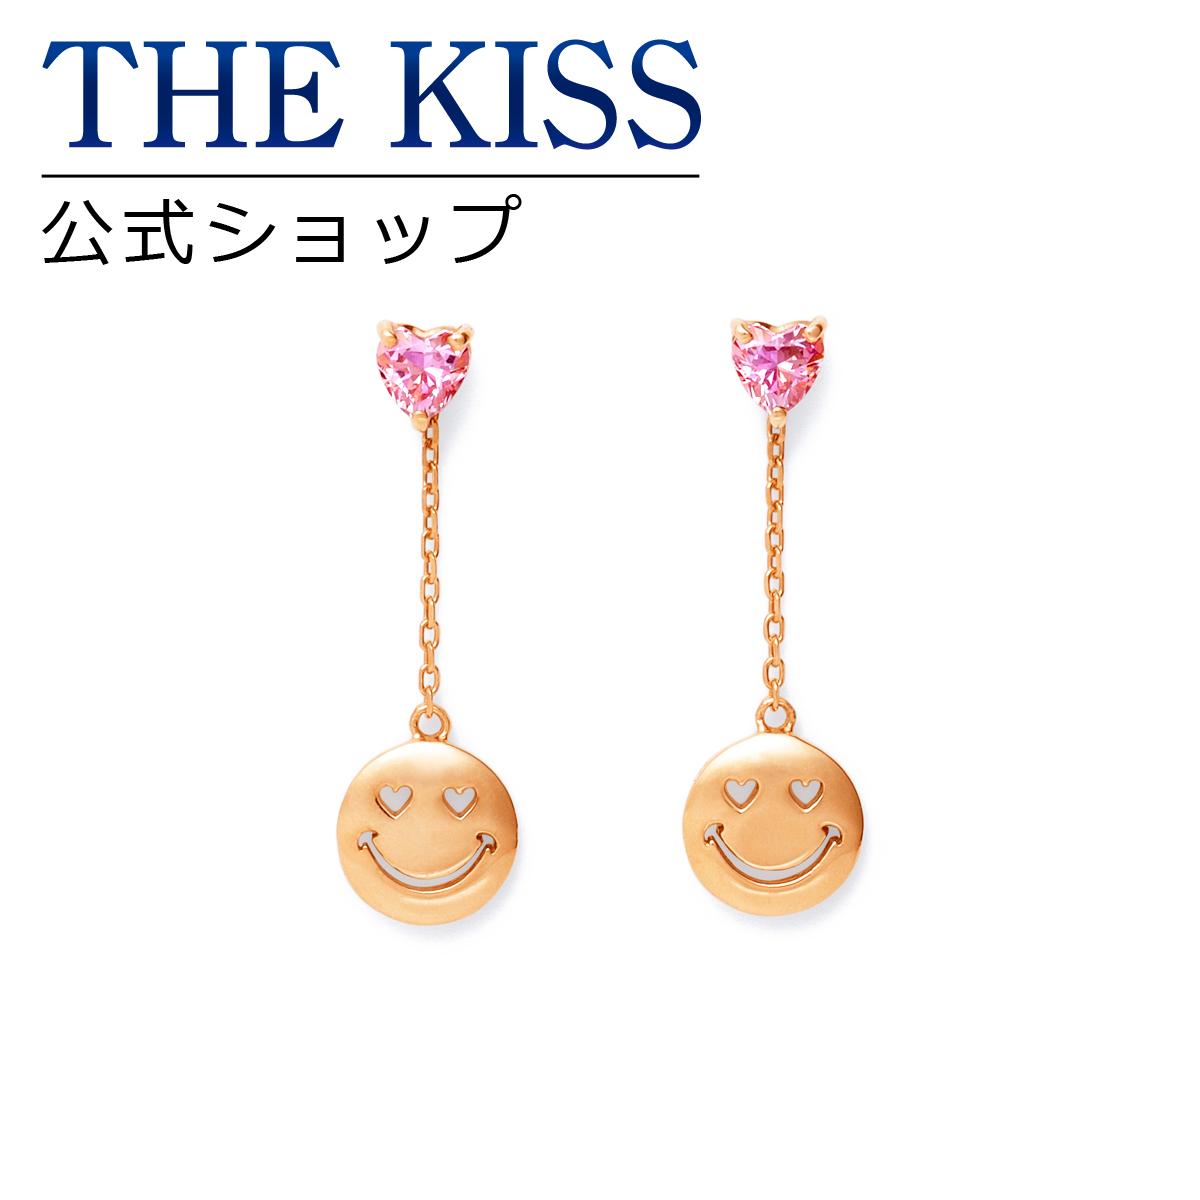 【あす楽対応】【送料無料】 TVアニメ「orange」 村坂 あずさ シルバーピアス ☆ THE KISS シルバー ピアス ブランド SILVER Pierce